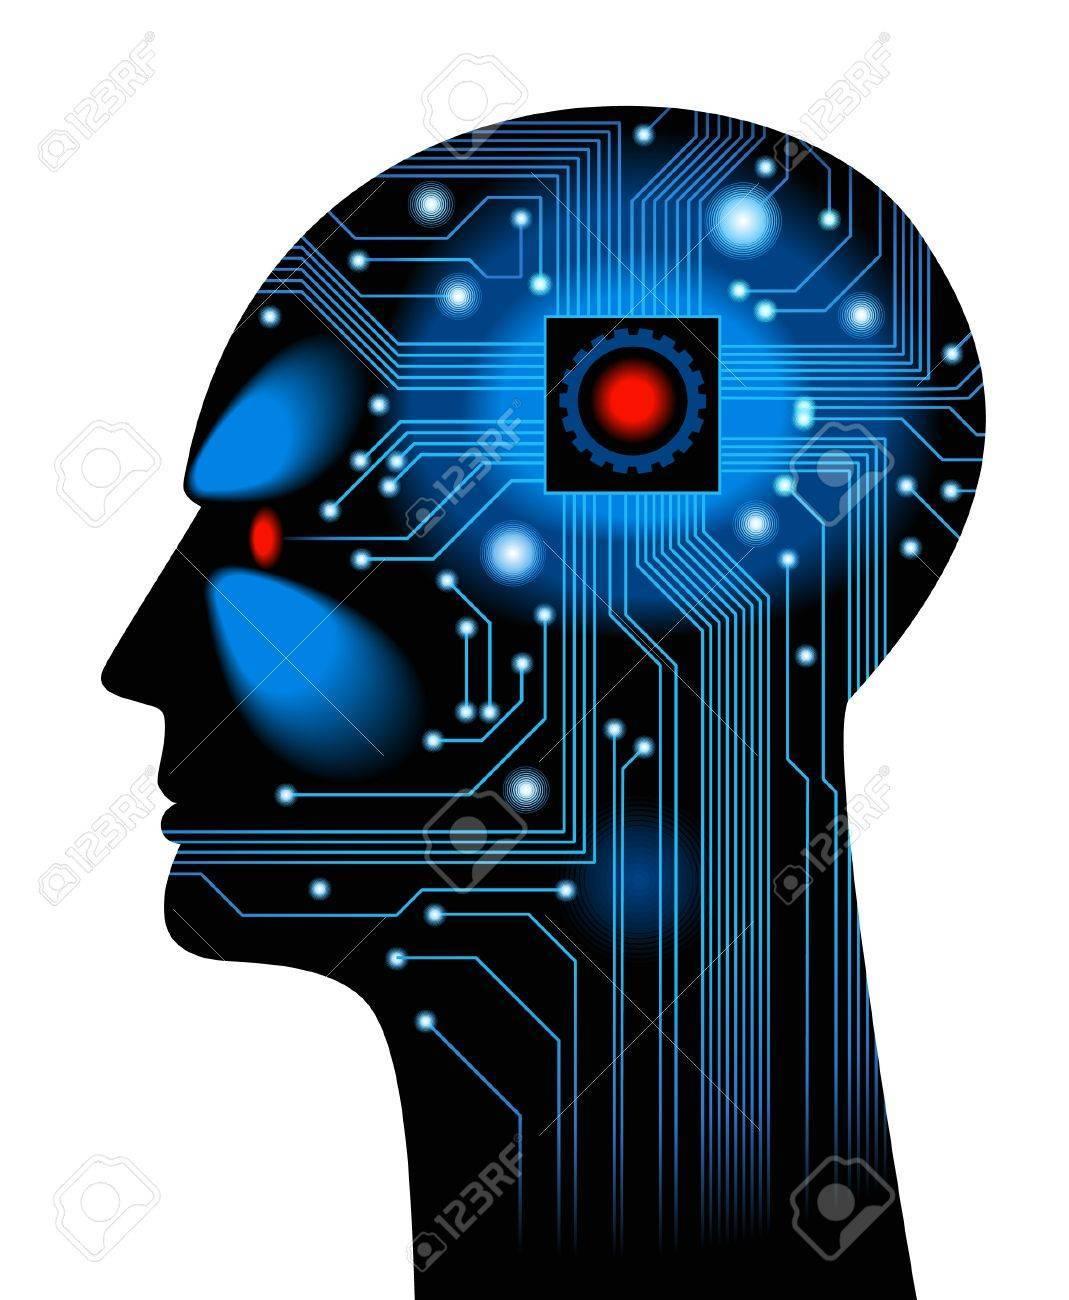 新幸福論・Tech2050・7・完_c0075701_05374821.jpg